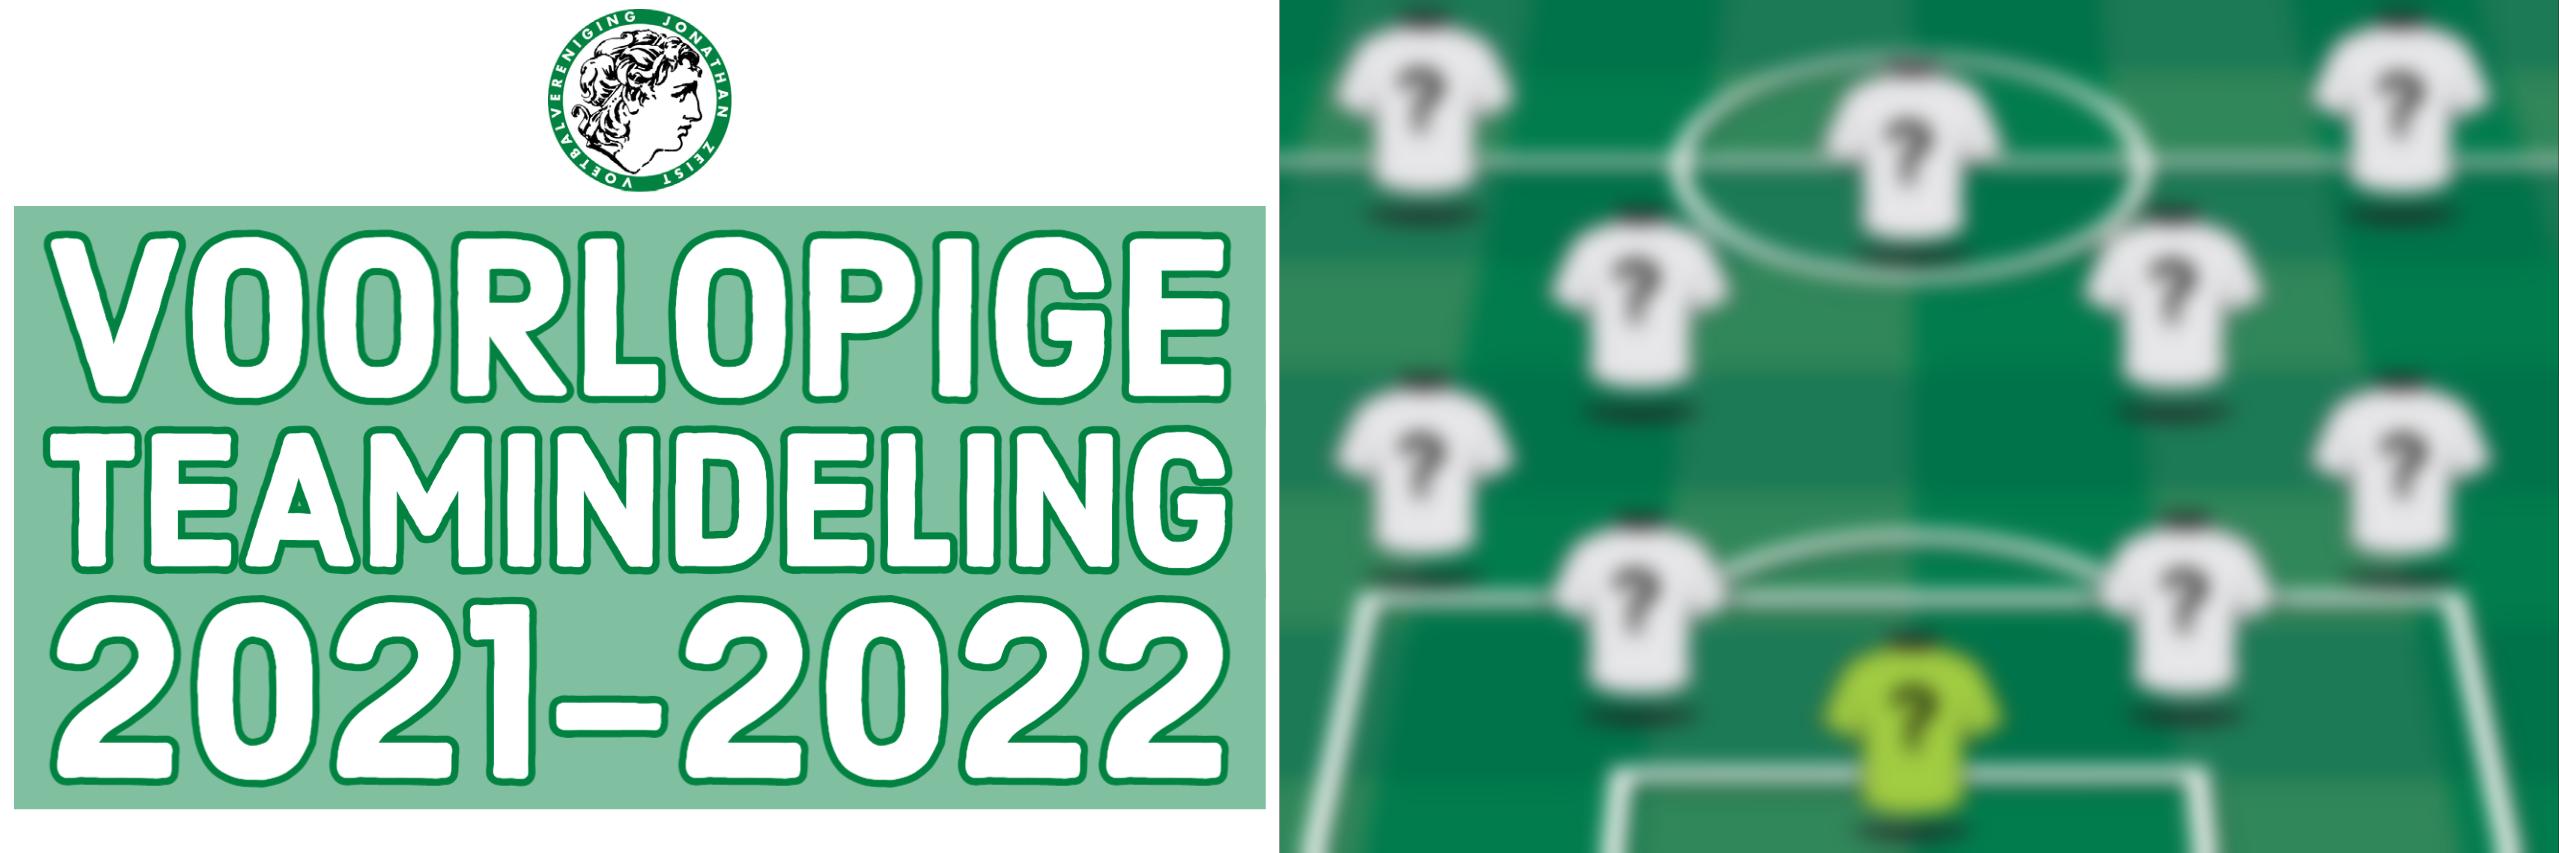 Voorlopige teamindeling 2021-2022